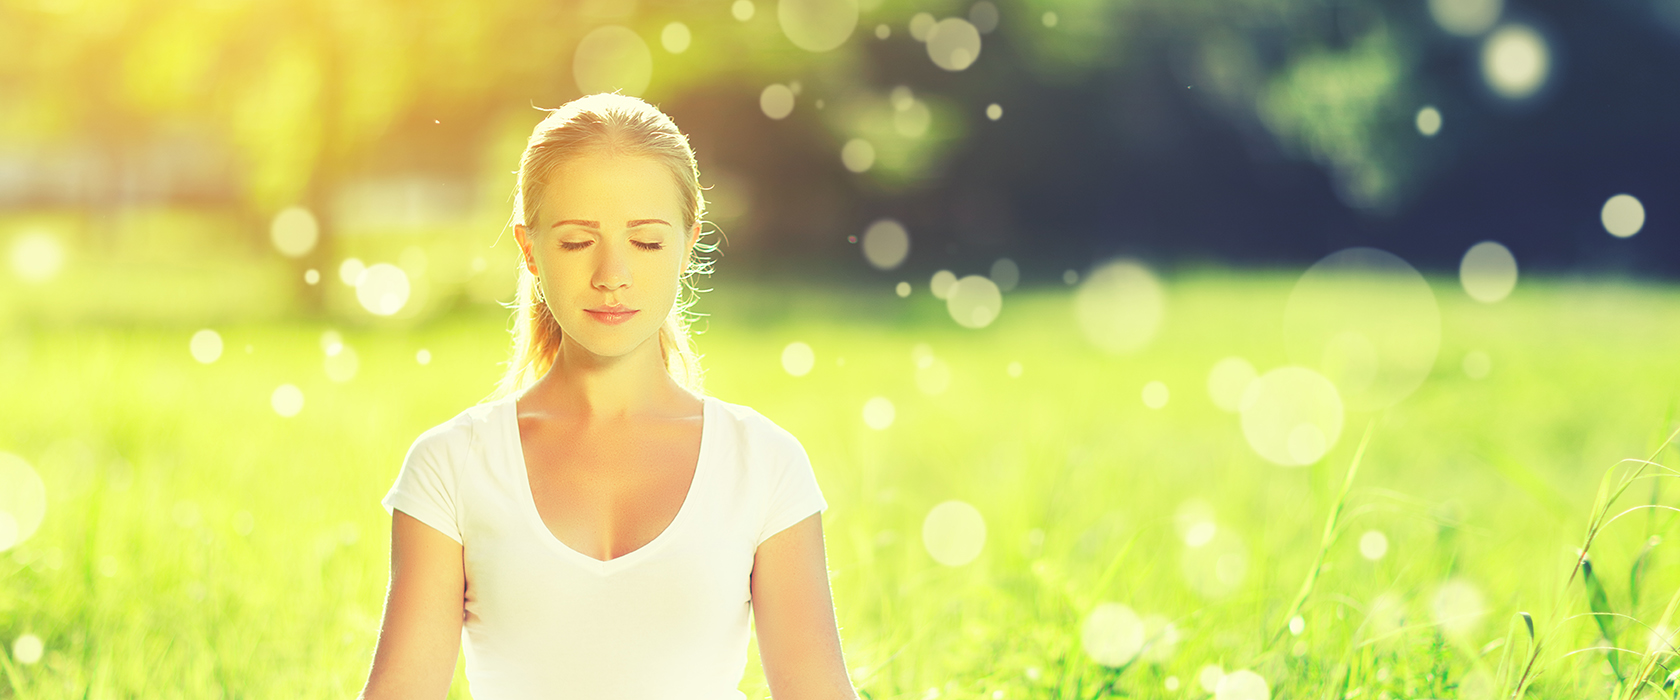 Дыхательная йога, виды дыхательной йоги. Дыхательная йога для начинающих